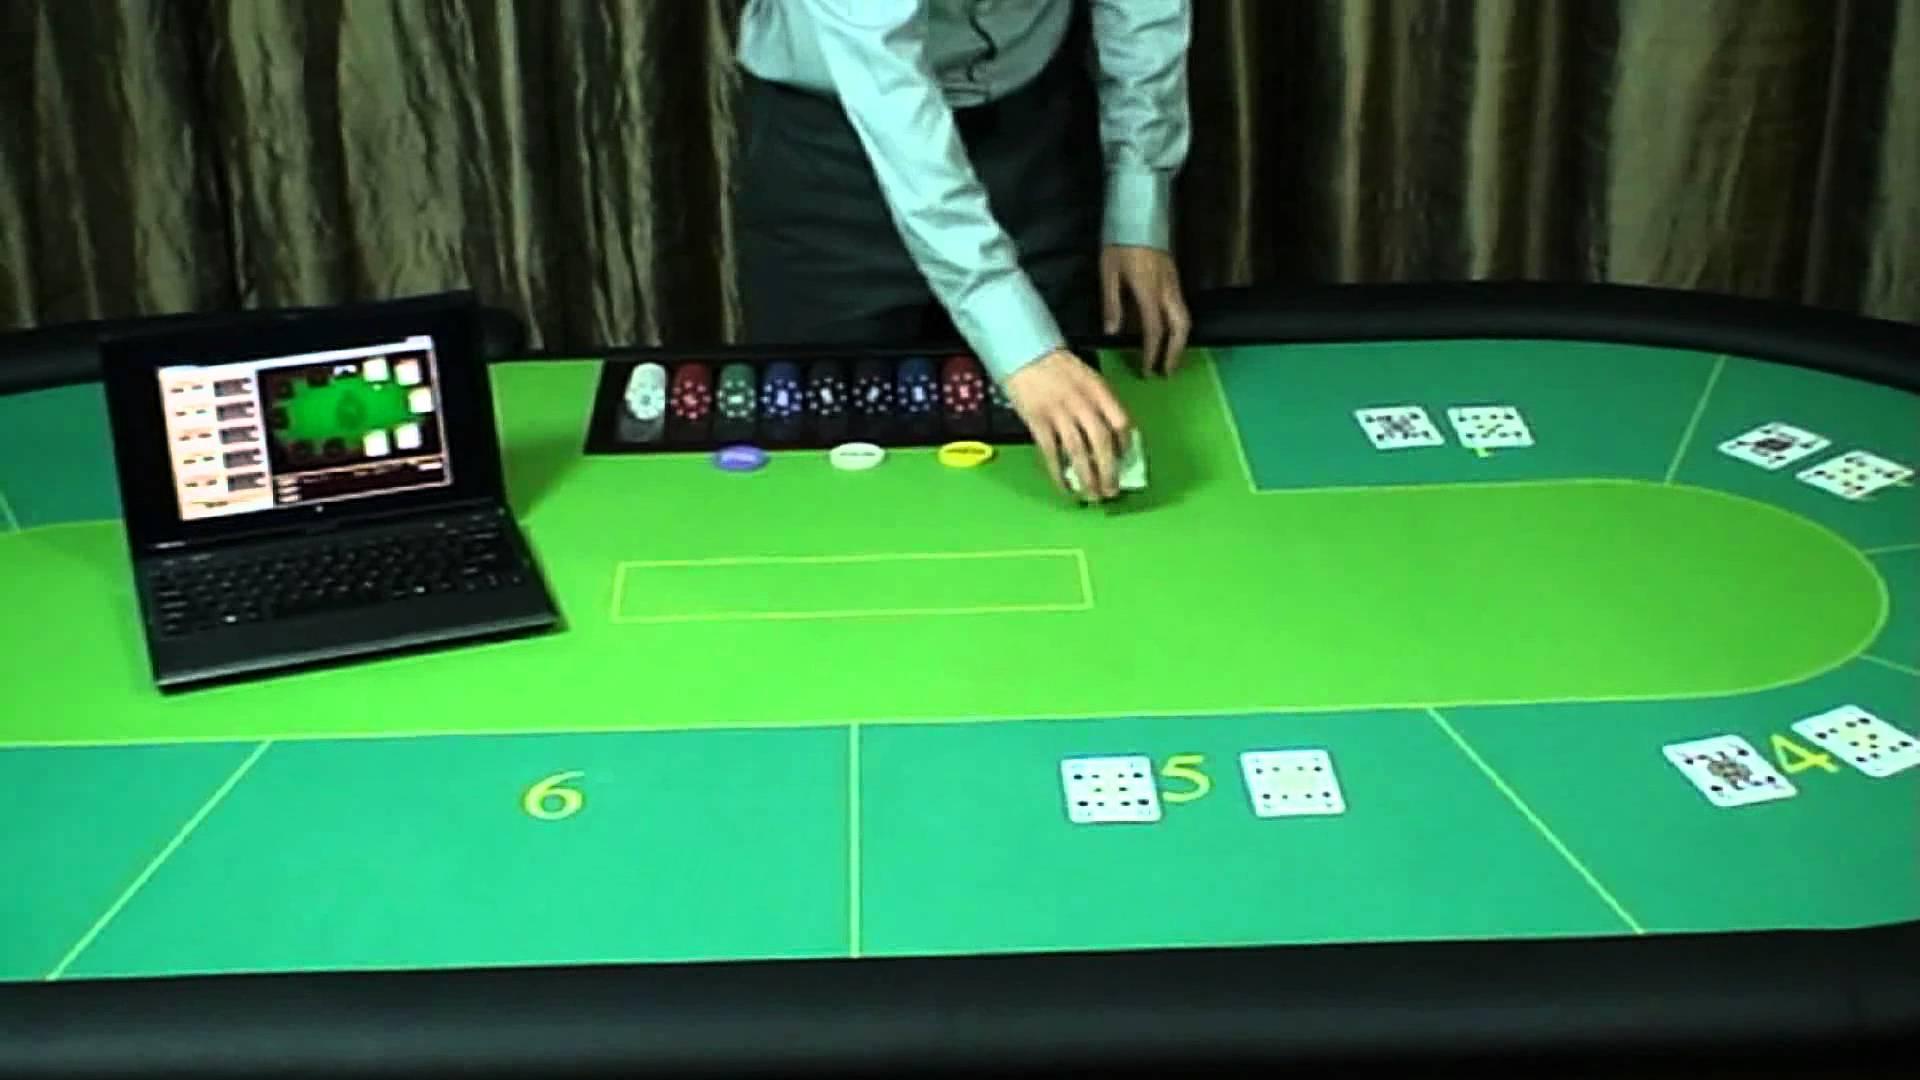 لعبة البوكر كازينو - 27375